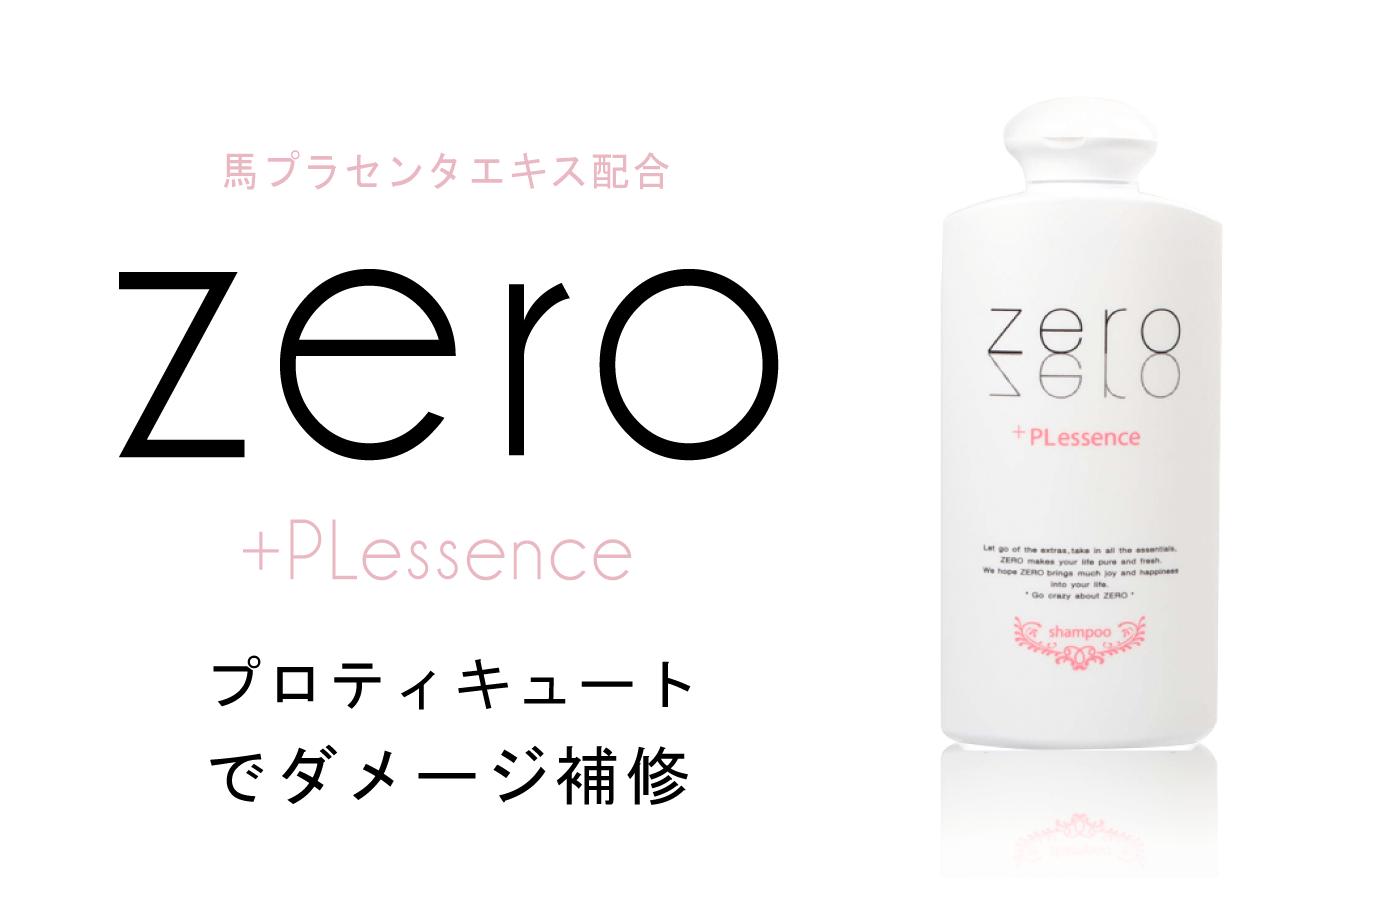 Zero+PL エッセンス シャンプーの成分解析